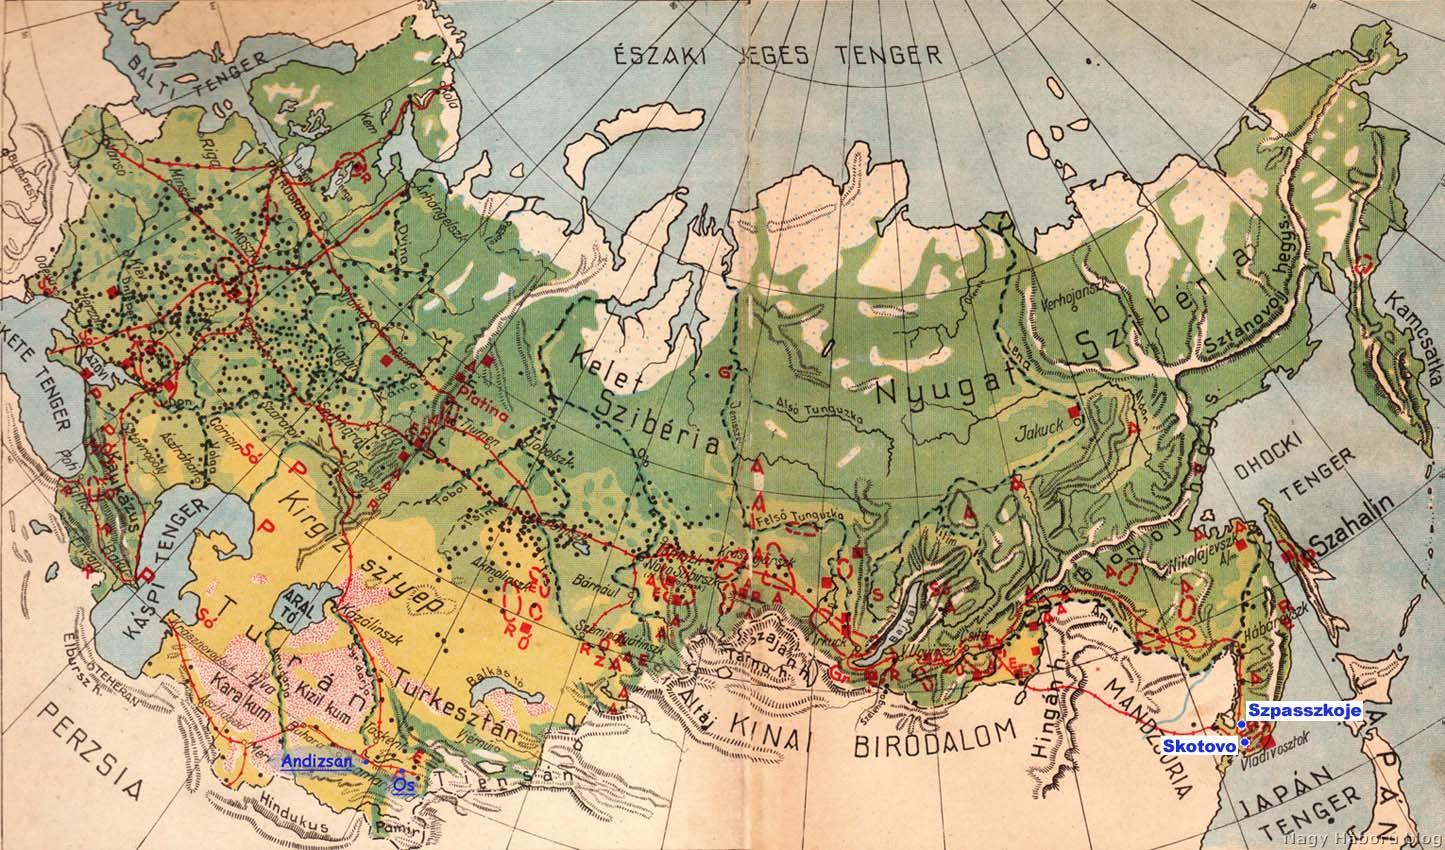 oroszország domborzati térkép Ma is létező hadifogoly síremlékek Oroszországban   A Nagy Háború oroszország domborzati térkép